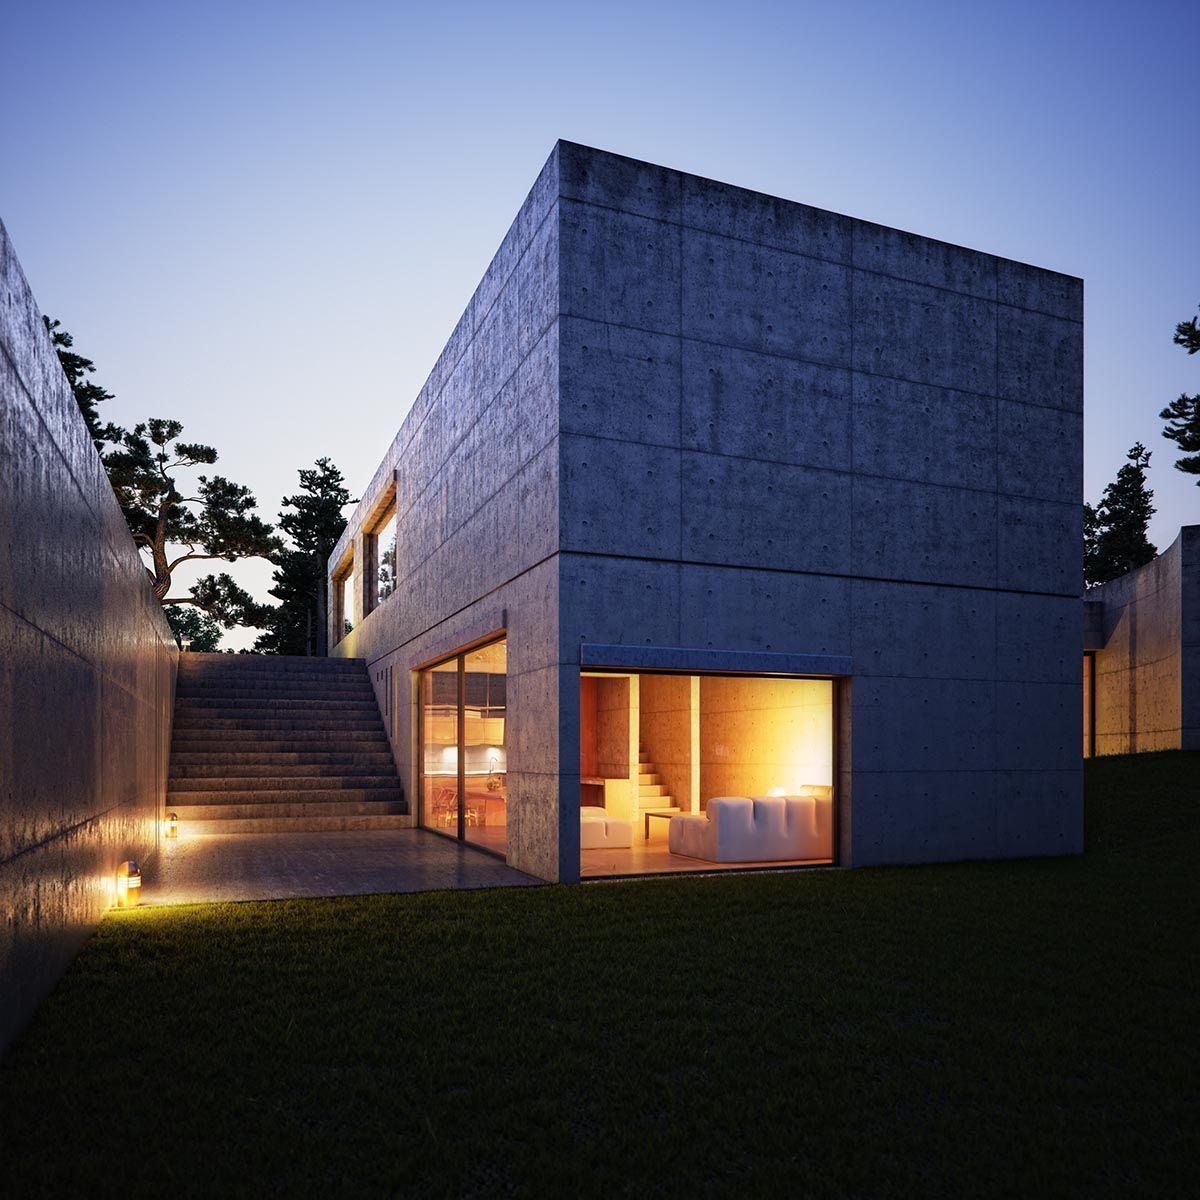 Casa Koshino Ando